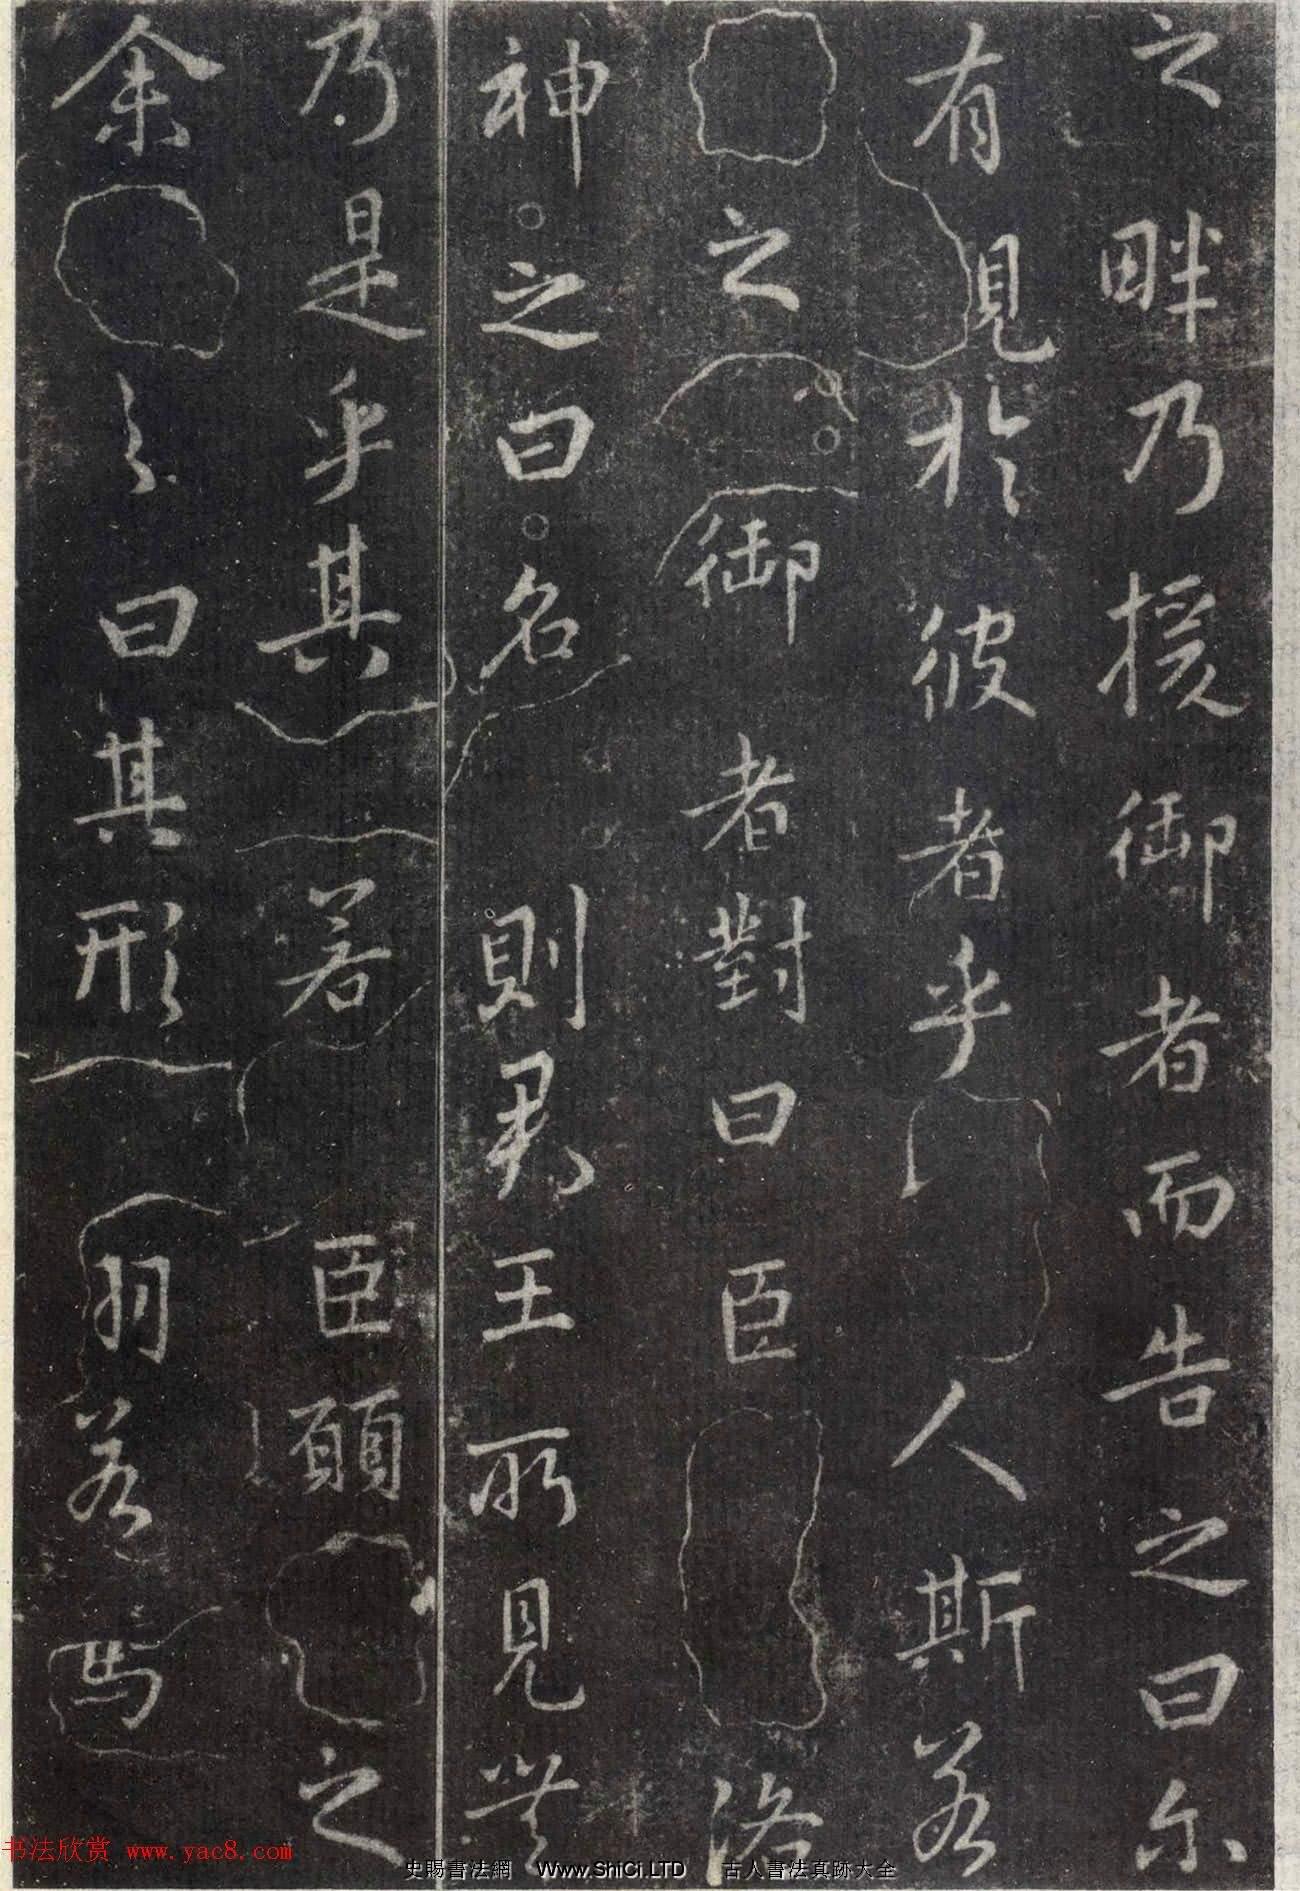 王羲之の書の真筆は《洛神賦》澄心堂本を鑑賞します(全部で20枚の写真)